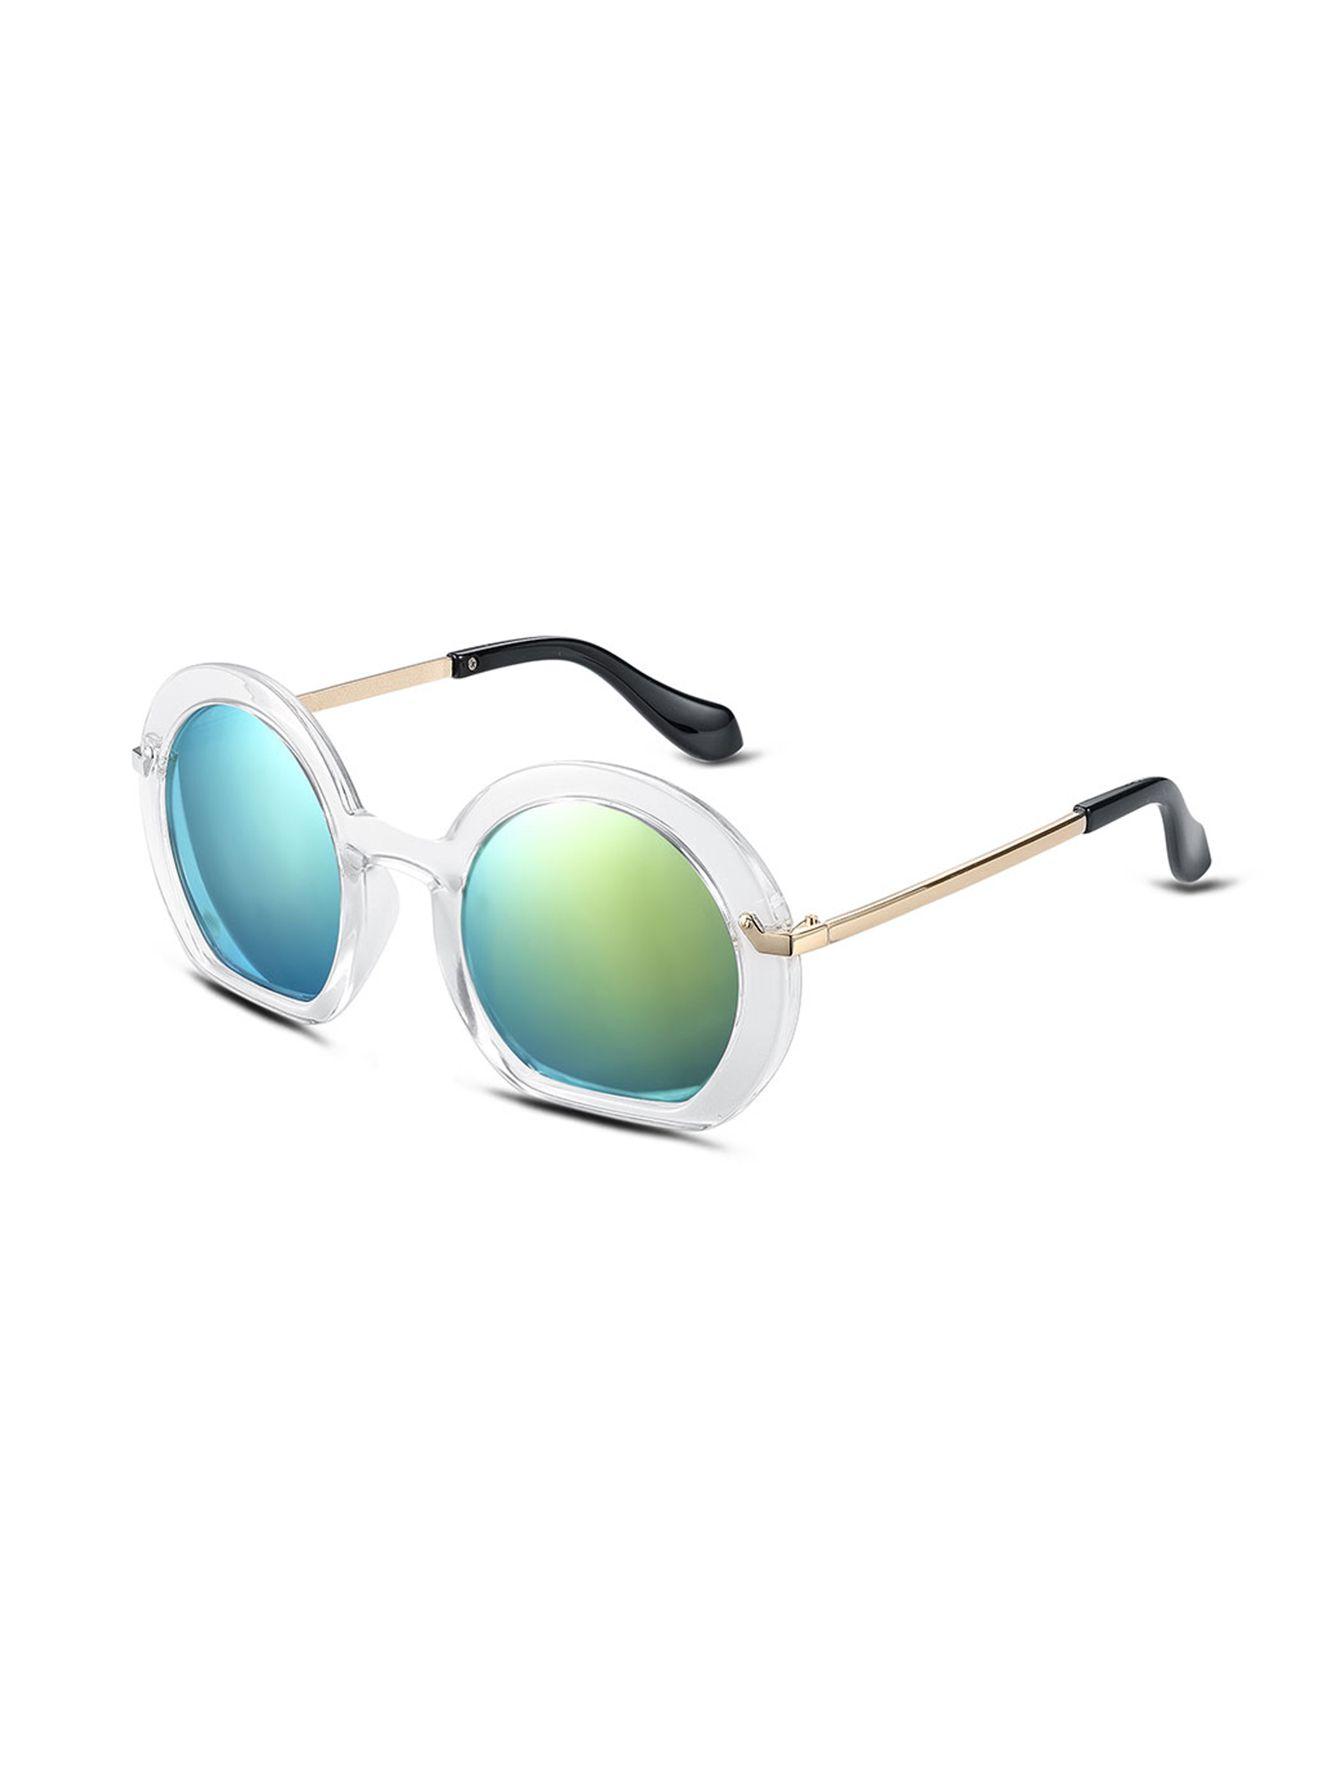 Gafas de sol marco blanco lentes grandes brazo dorado   Gafas